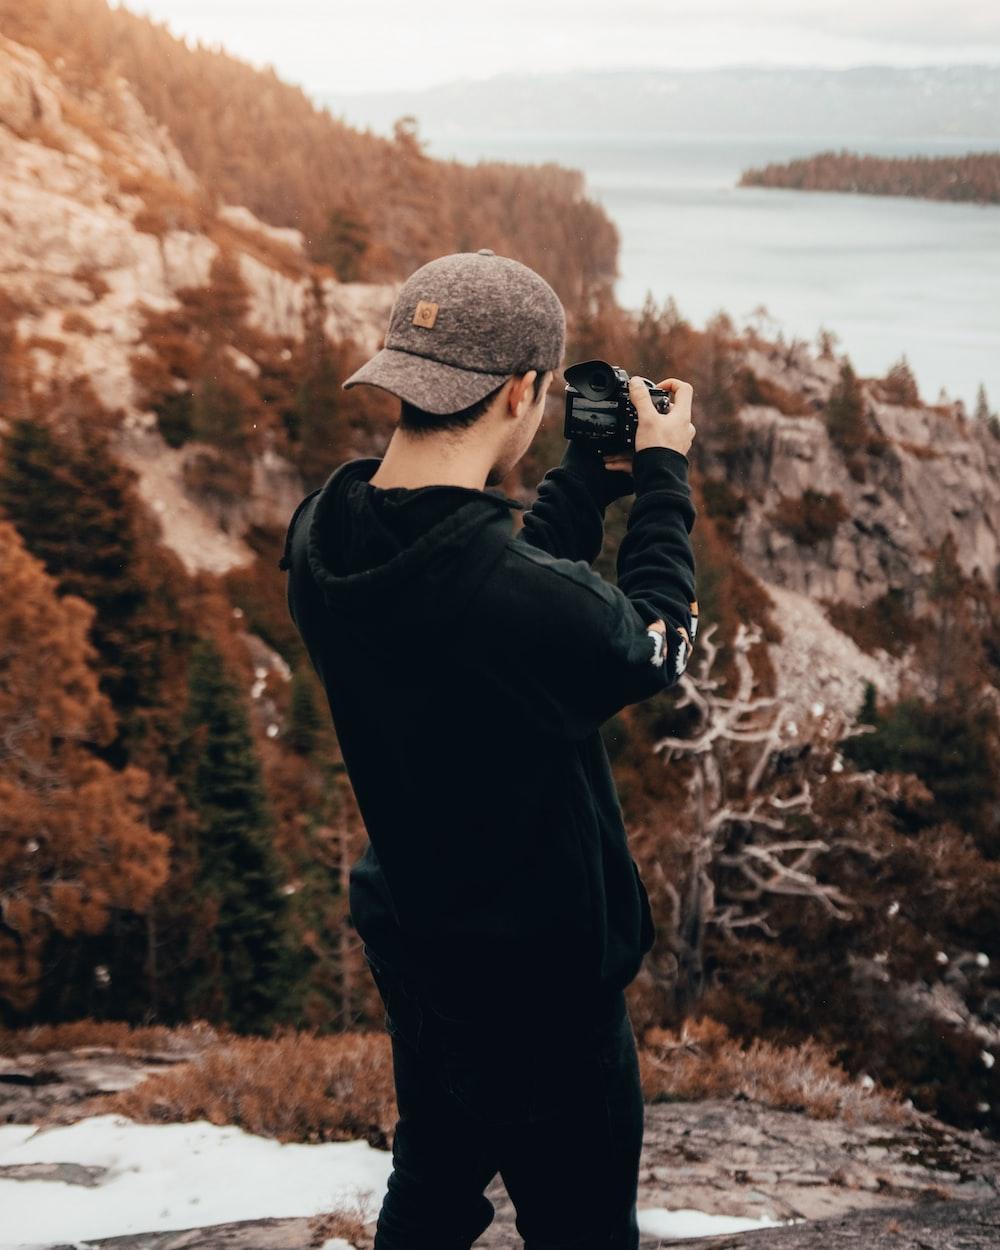 man taking photo in mountain during daytime